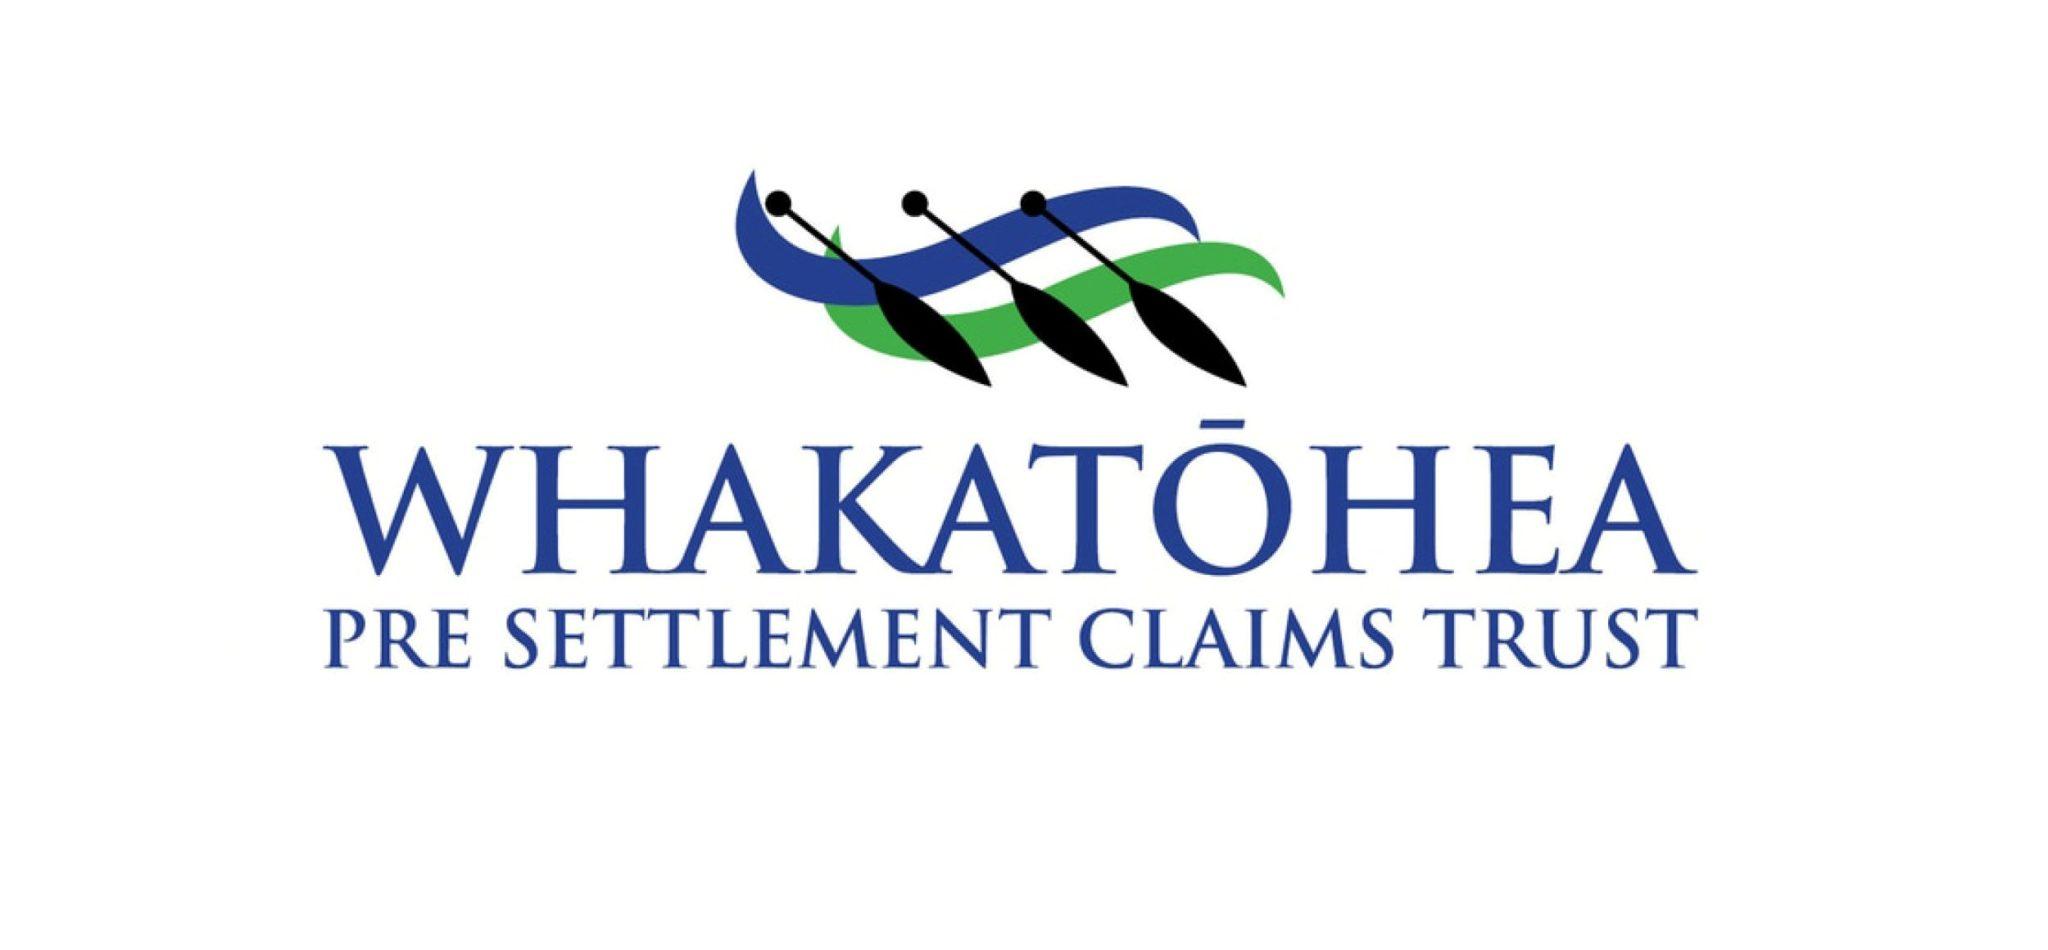 Whakatōhea Presettlement Trust